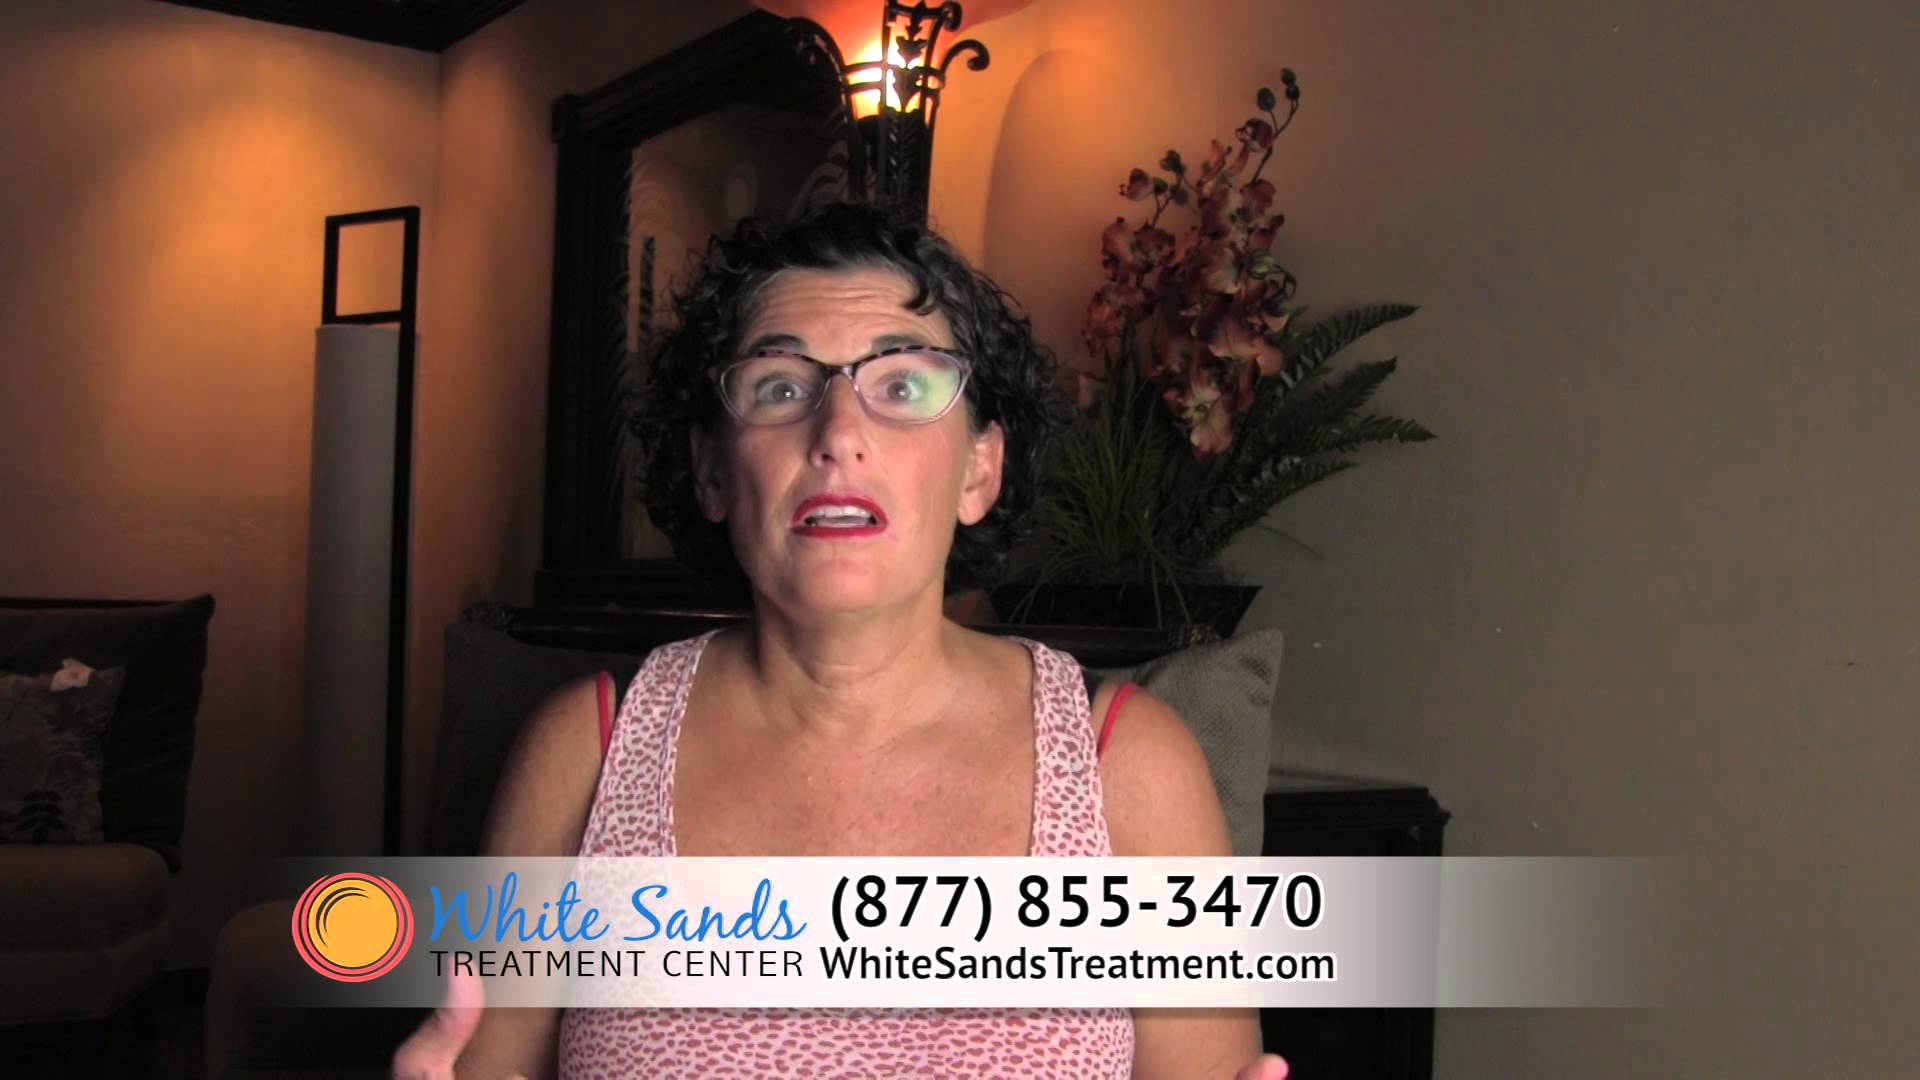 Sandra's Experience